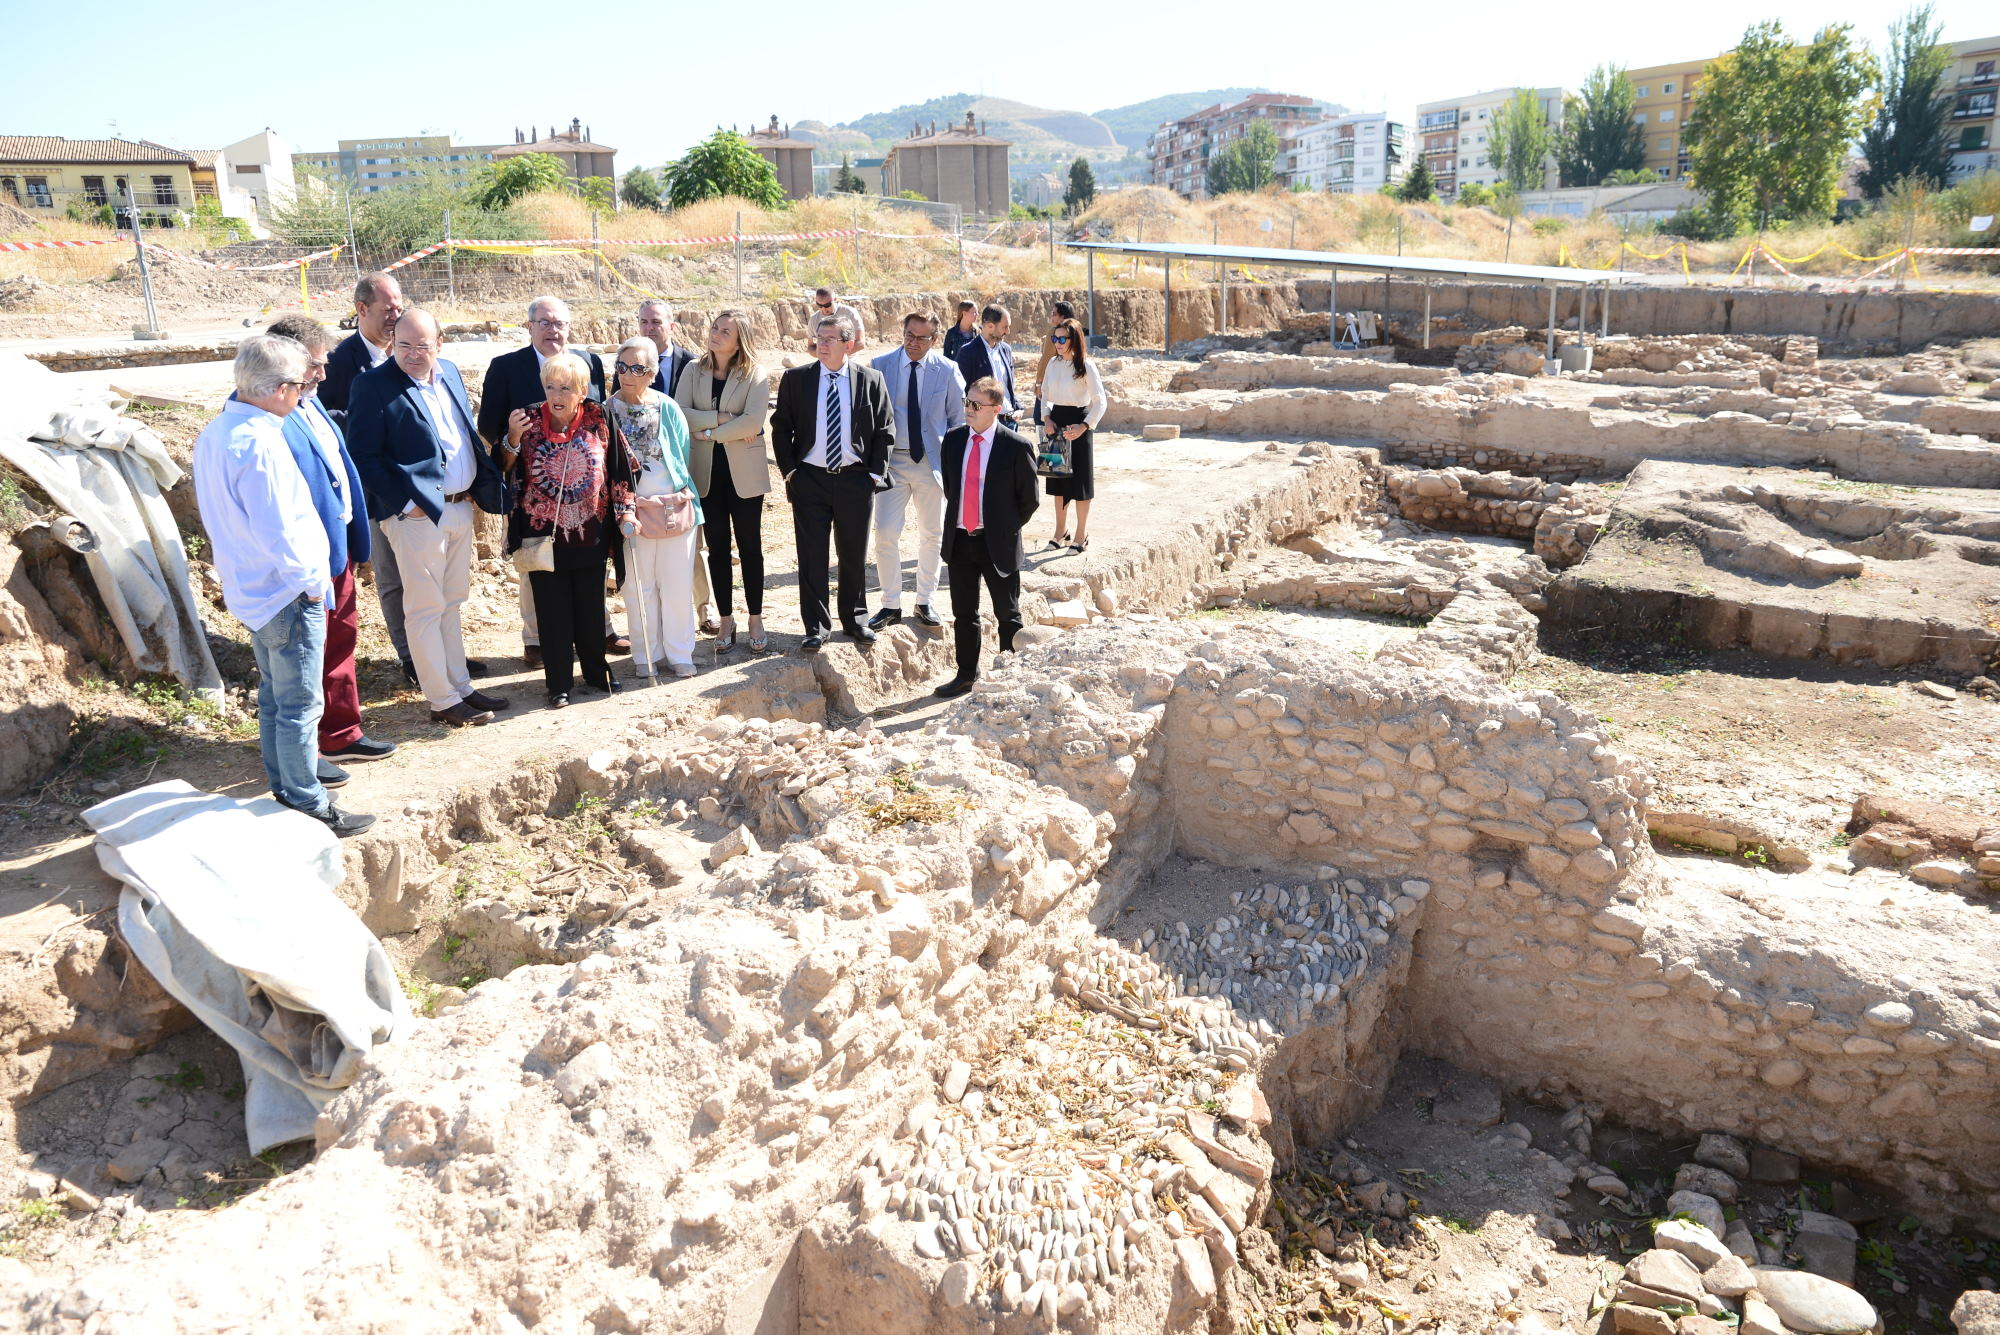 Adjudicada la segunda fase de la excavación arqueológica en Mondragones